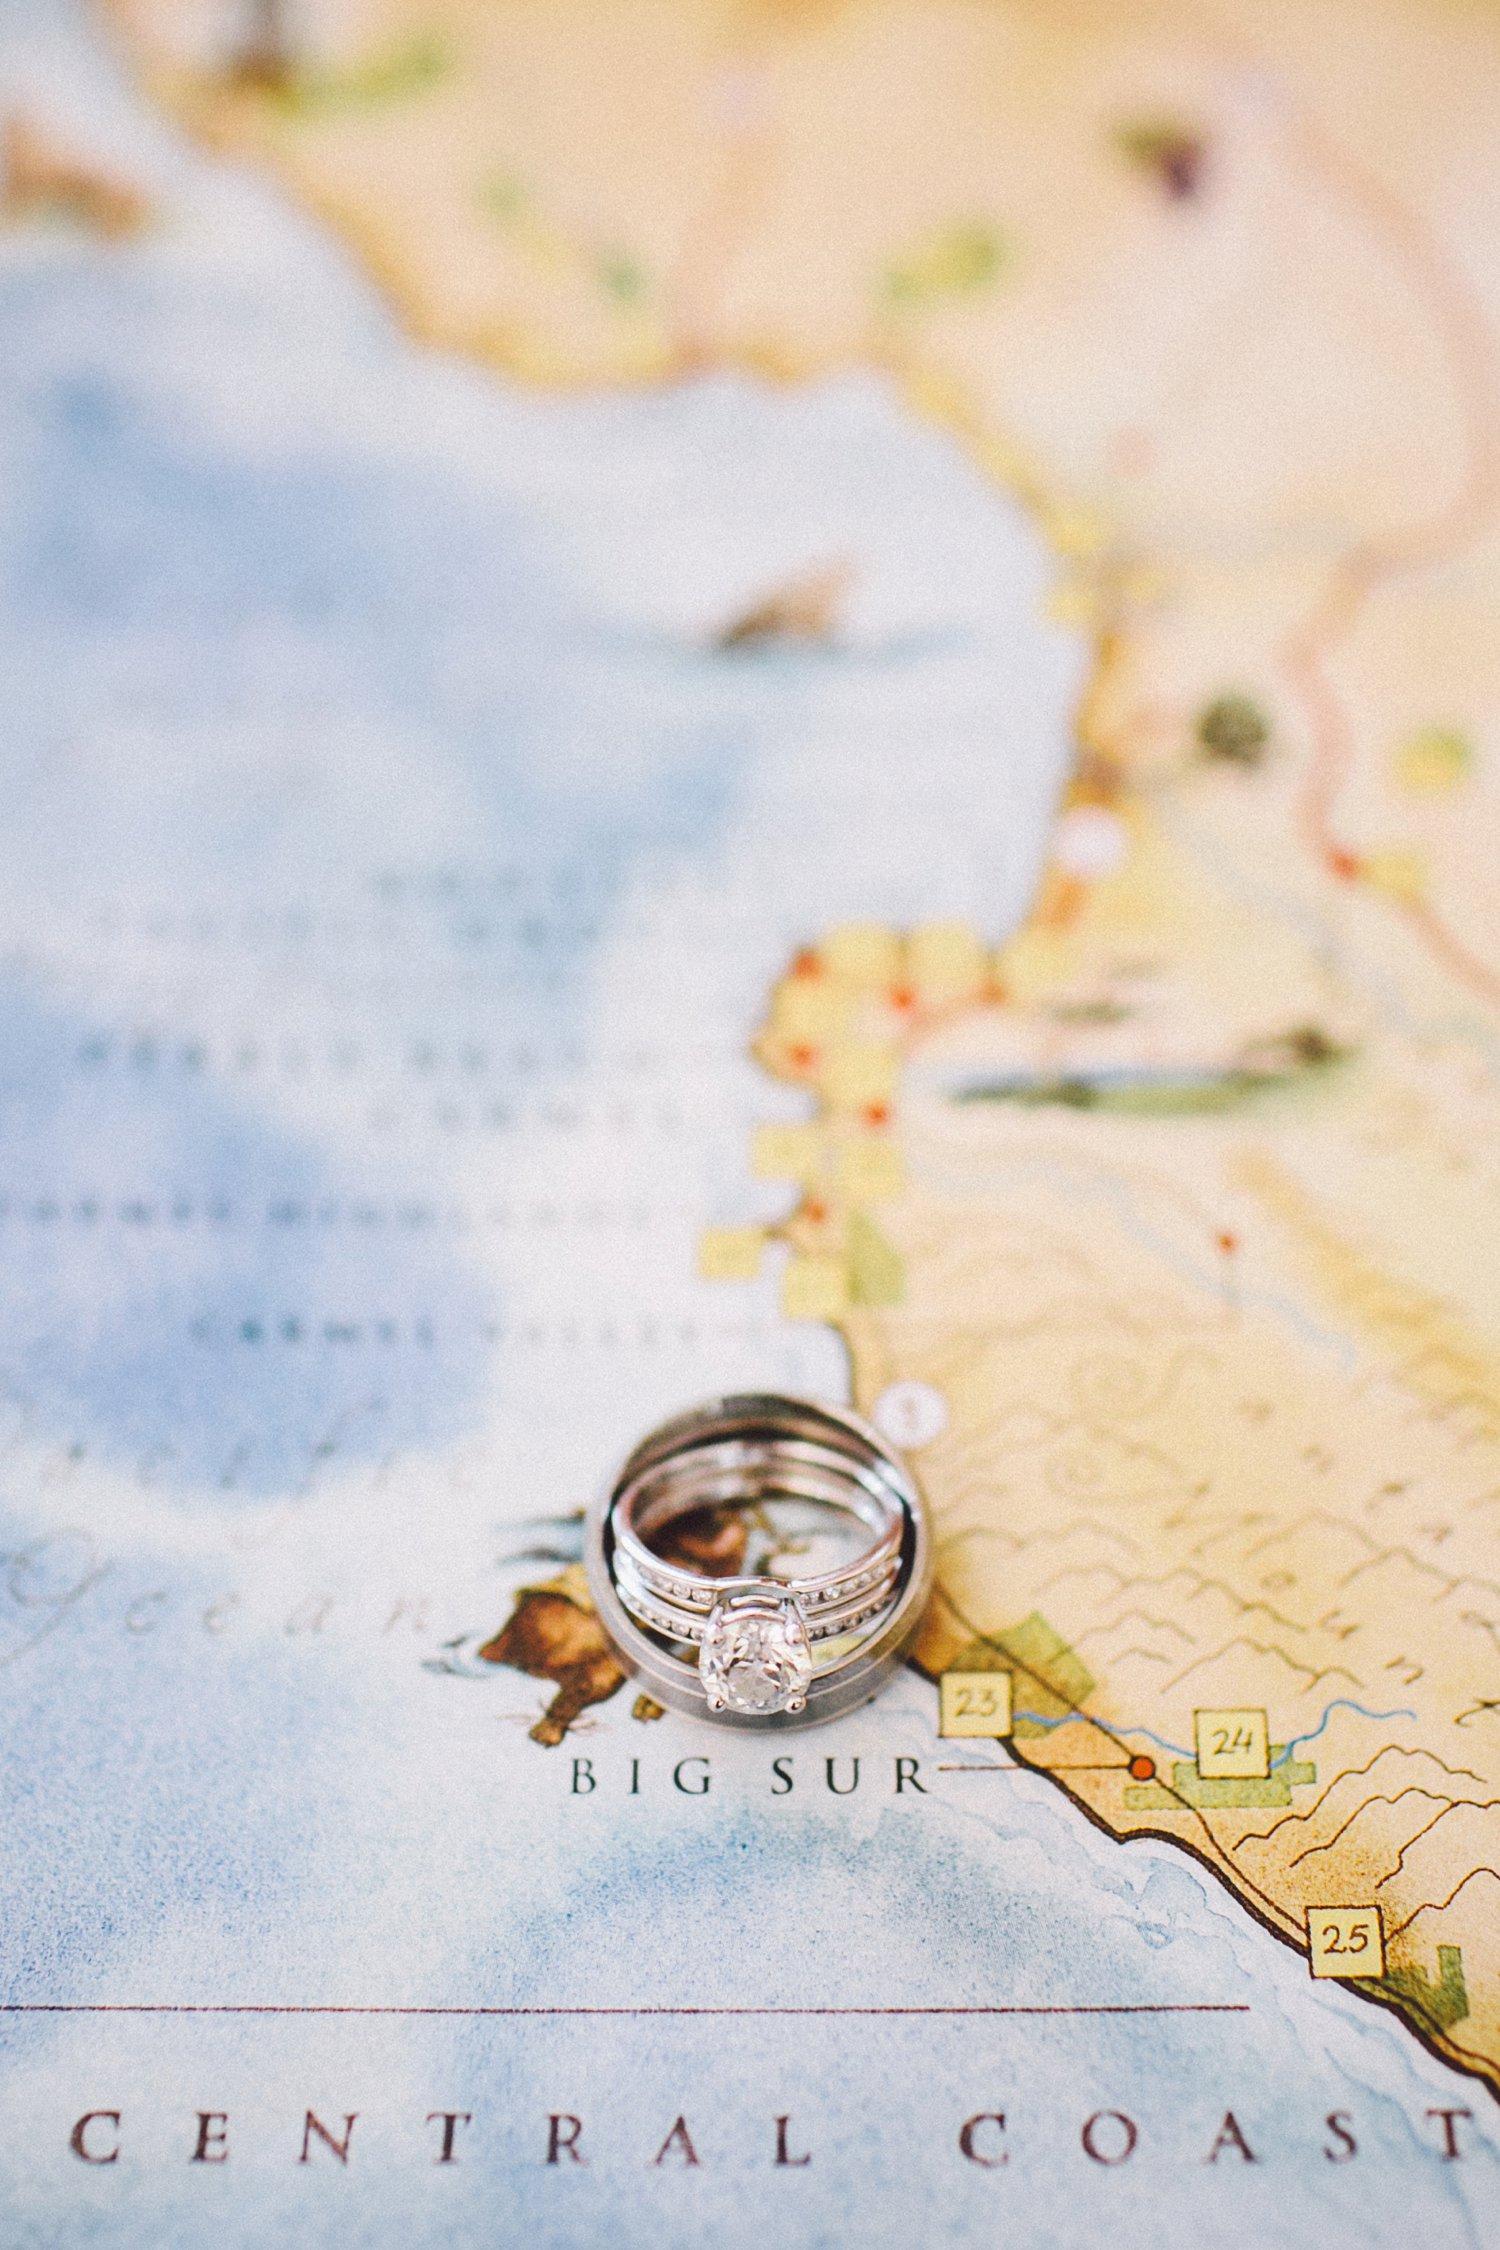 Kaart met bestemming van de huwelijksreis